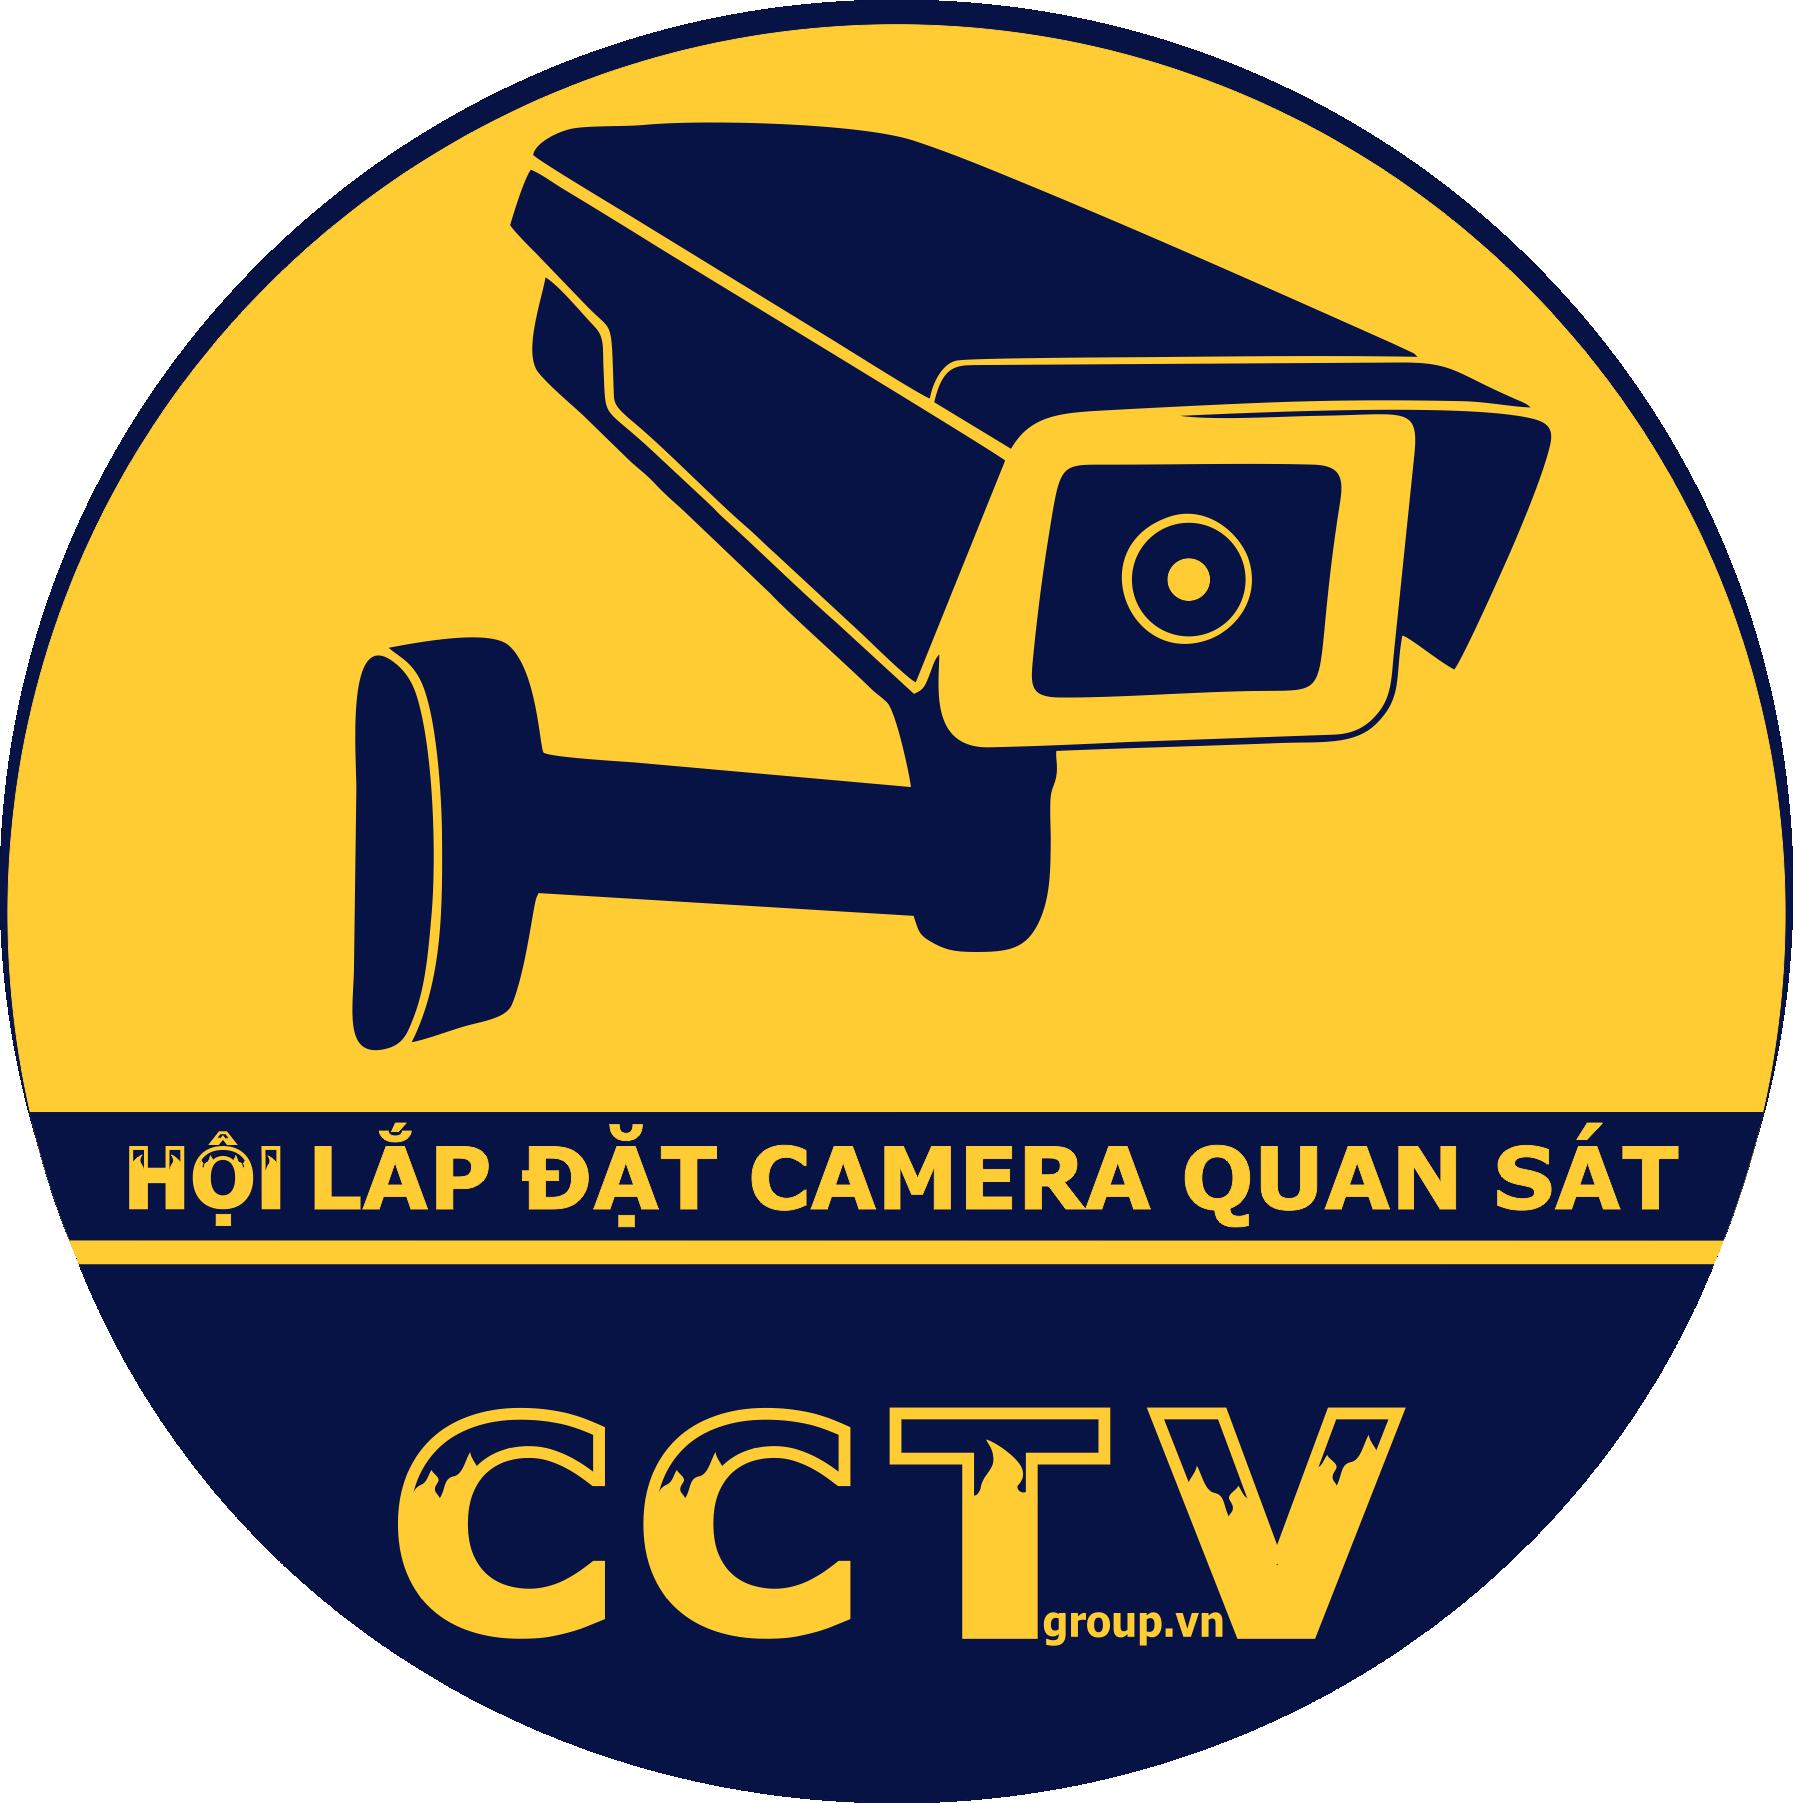 HỘI LẮP ĐẶT CAMERA QUAN SÁT [CCTV GROUP]